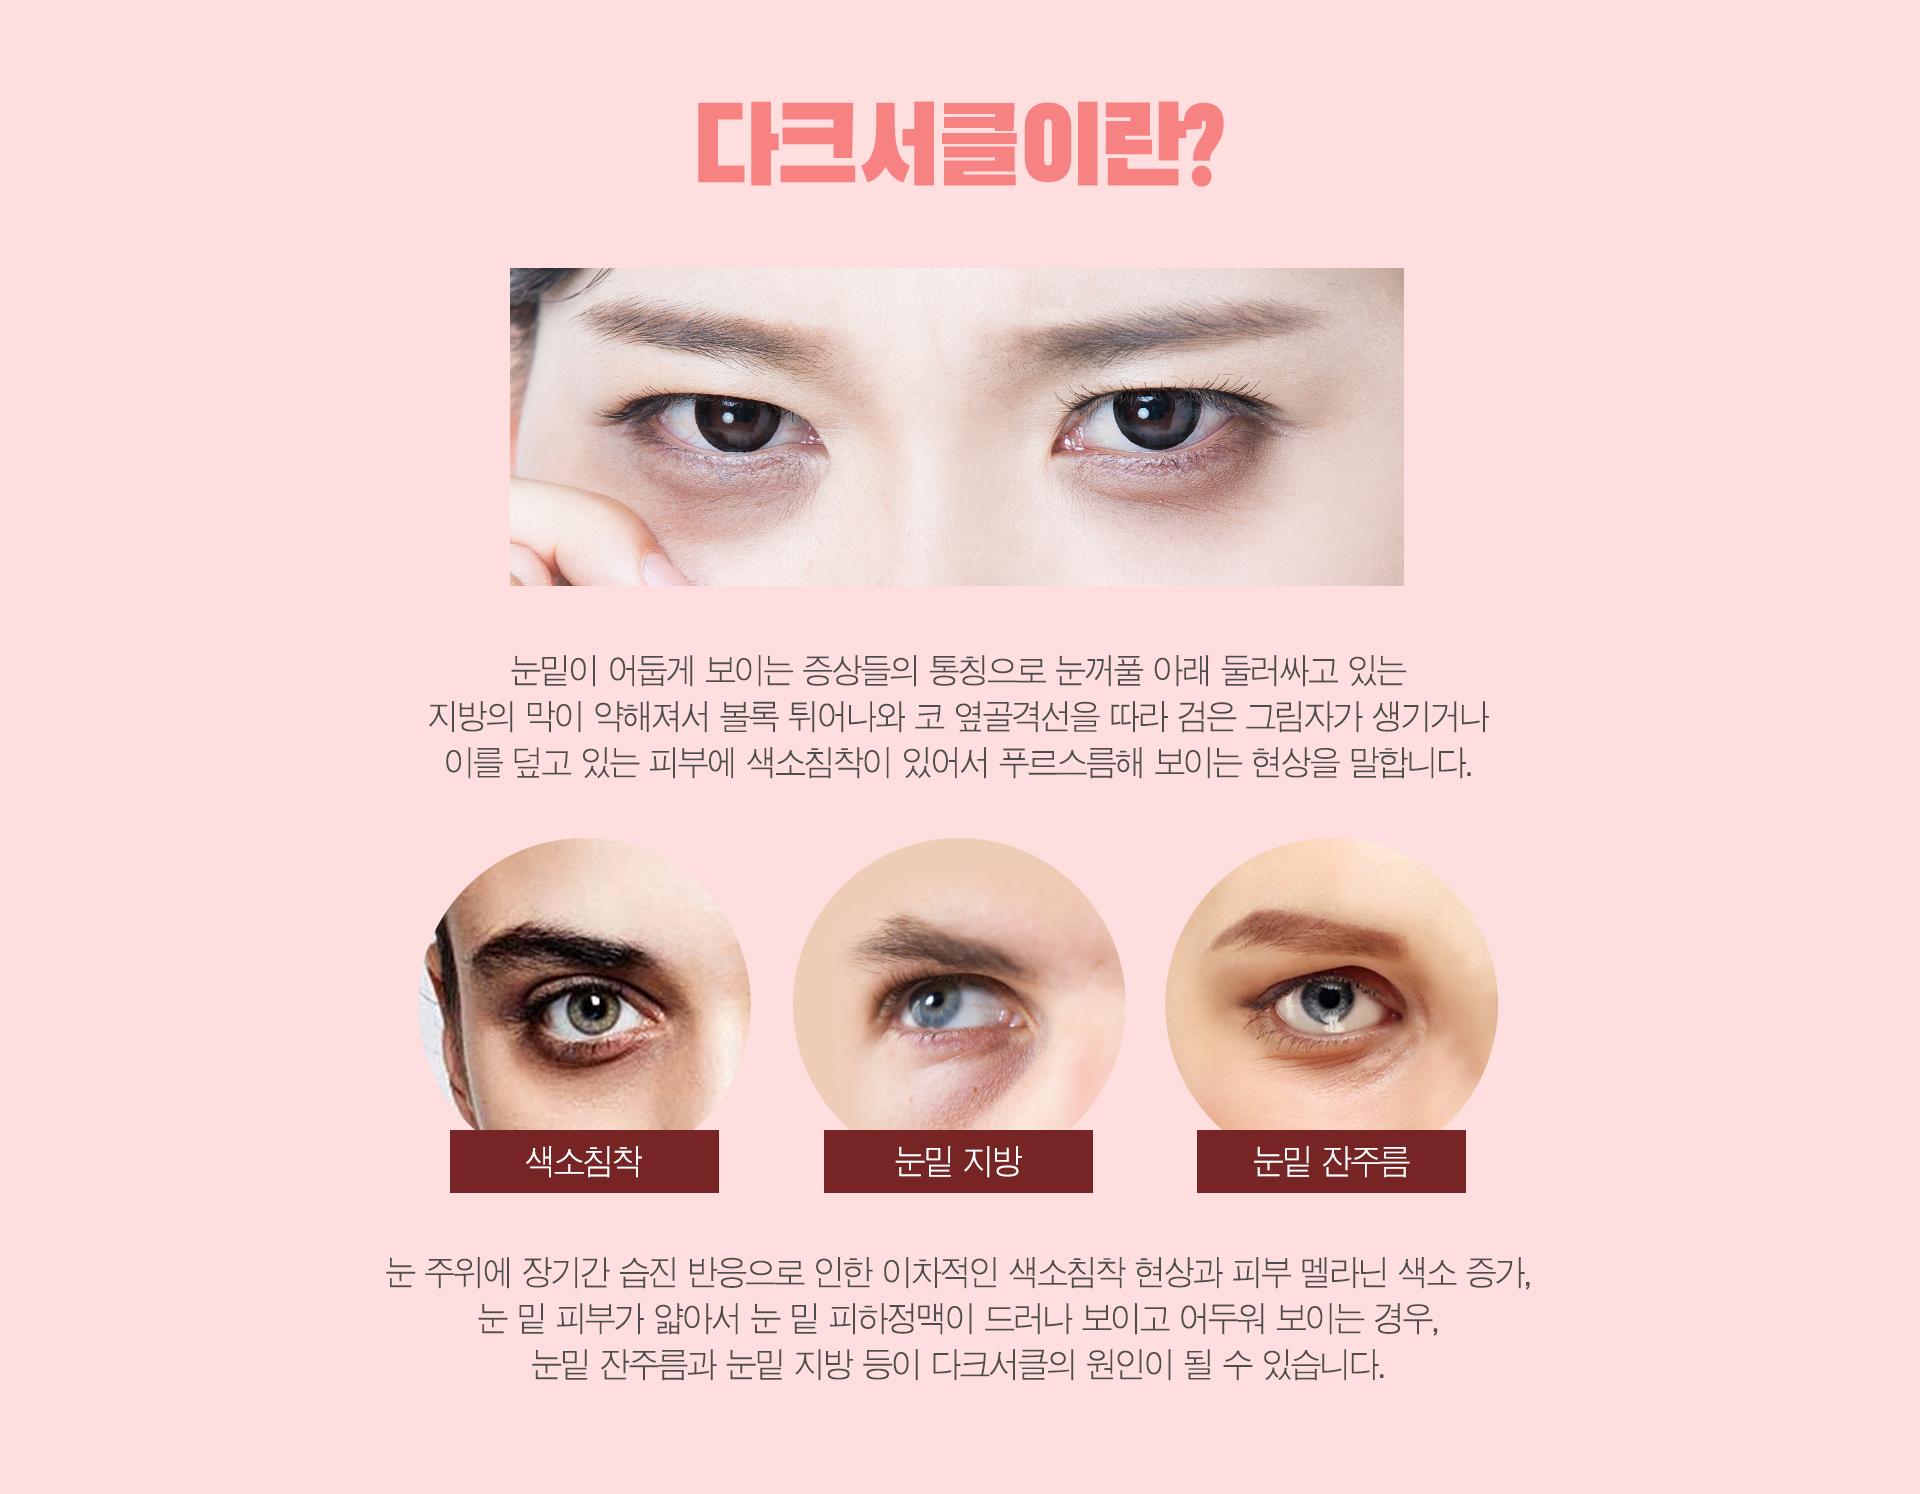 강남 신논현역 피부과 성형외과 라벨라 다크서클이란? 눈밑이 어둡게 보이는 증상들의 통칭으로 눈꺼풀 아래 둘러싸고 있는 지방의 막이 약해져서 볼록 튀어나와 코 옆골격선을 따라 검은 그림자가 생기거나 이를 덮고 있는 피부에 색소침착이 있어서 푸르스름해 보이는 현상을 말합니다. 눈 주위에 장기간 습진 반응으로 인한 이차적인 색소침착 현상과 피부 멜라닌 색소 증가, 눈 밑 피부가 얇아서 눈 밑 피하정맥이 드러나 보이고 어두워 보이는 경우, 눈밑 잔주름과 눈밑 지방 등이 다크서클의 원인이 될 수 있습니다.